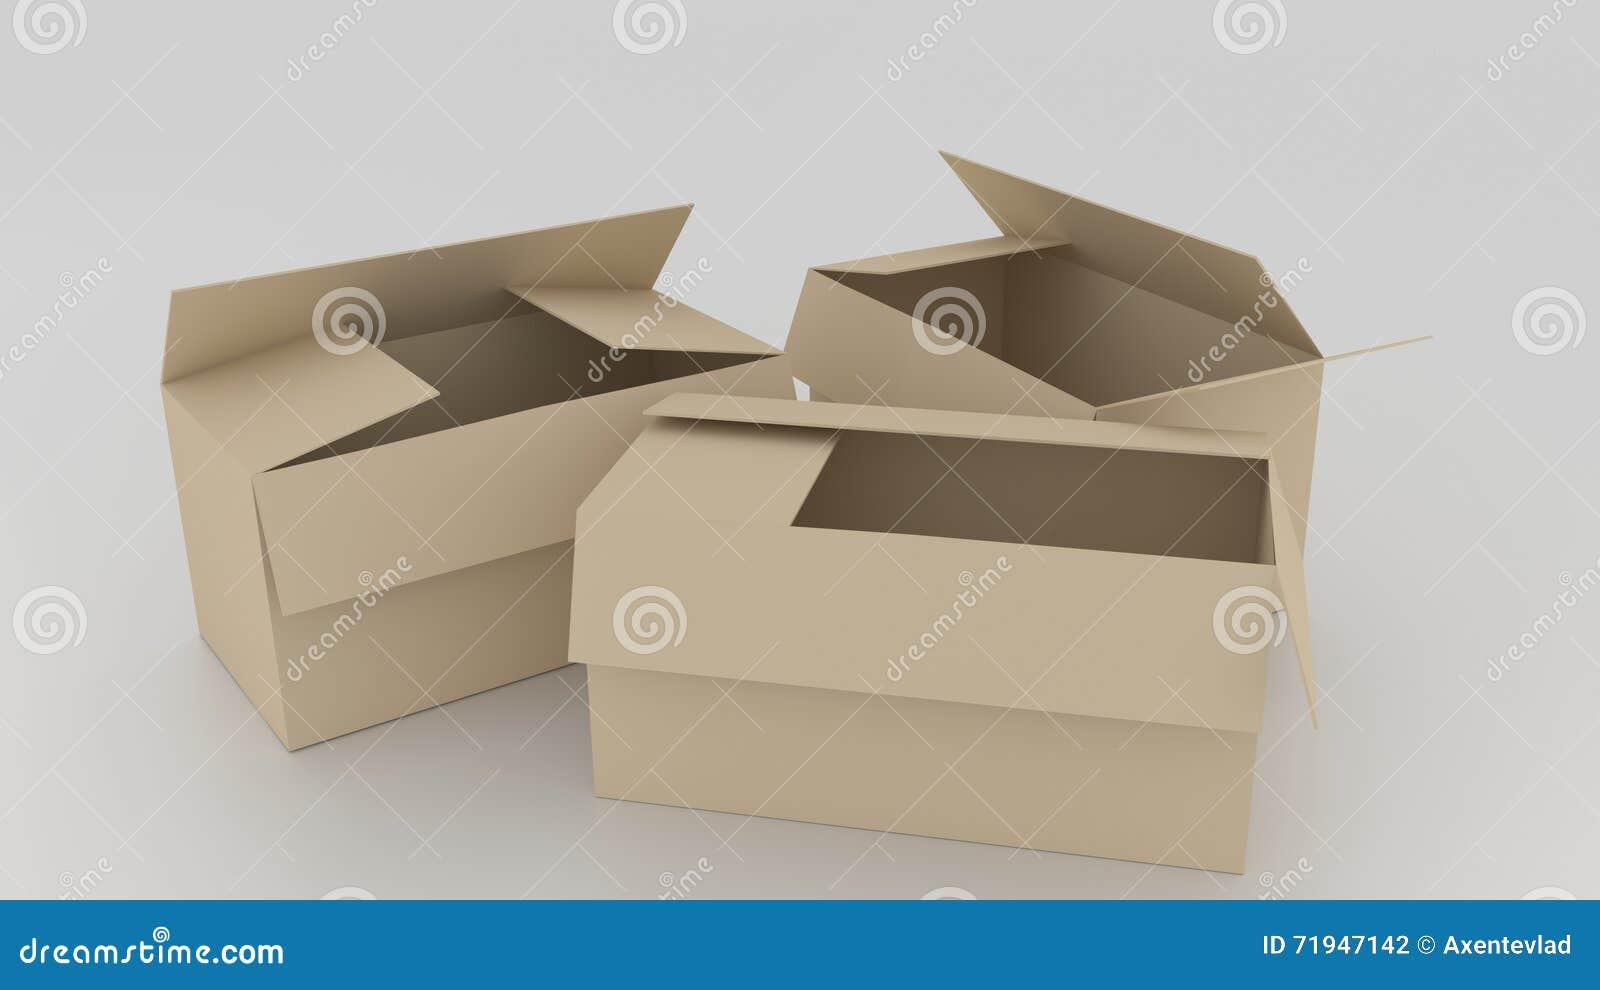 Пустые коричневые картонные коробки раскрыли, подготавливают для того чтобы обернуть вещи в ем o